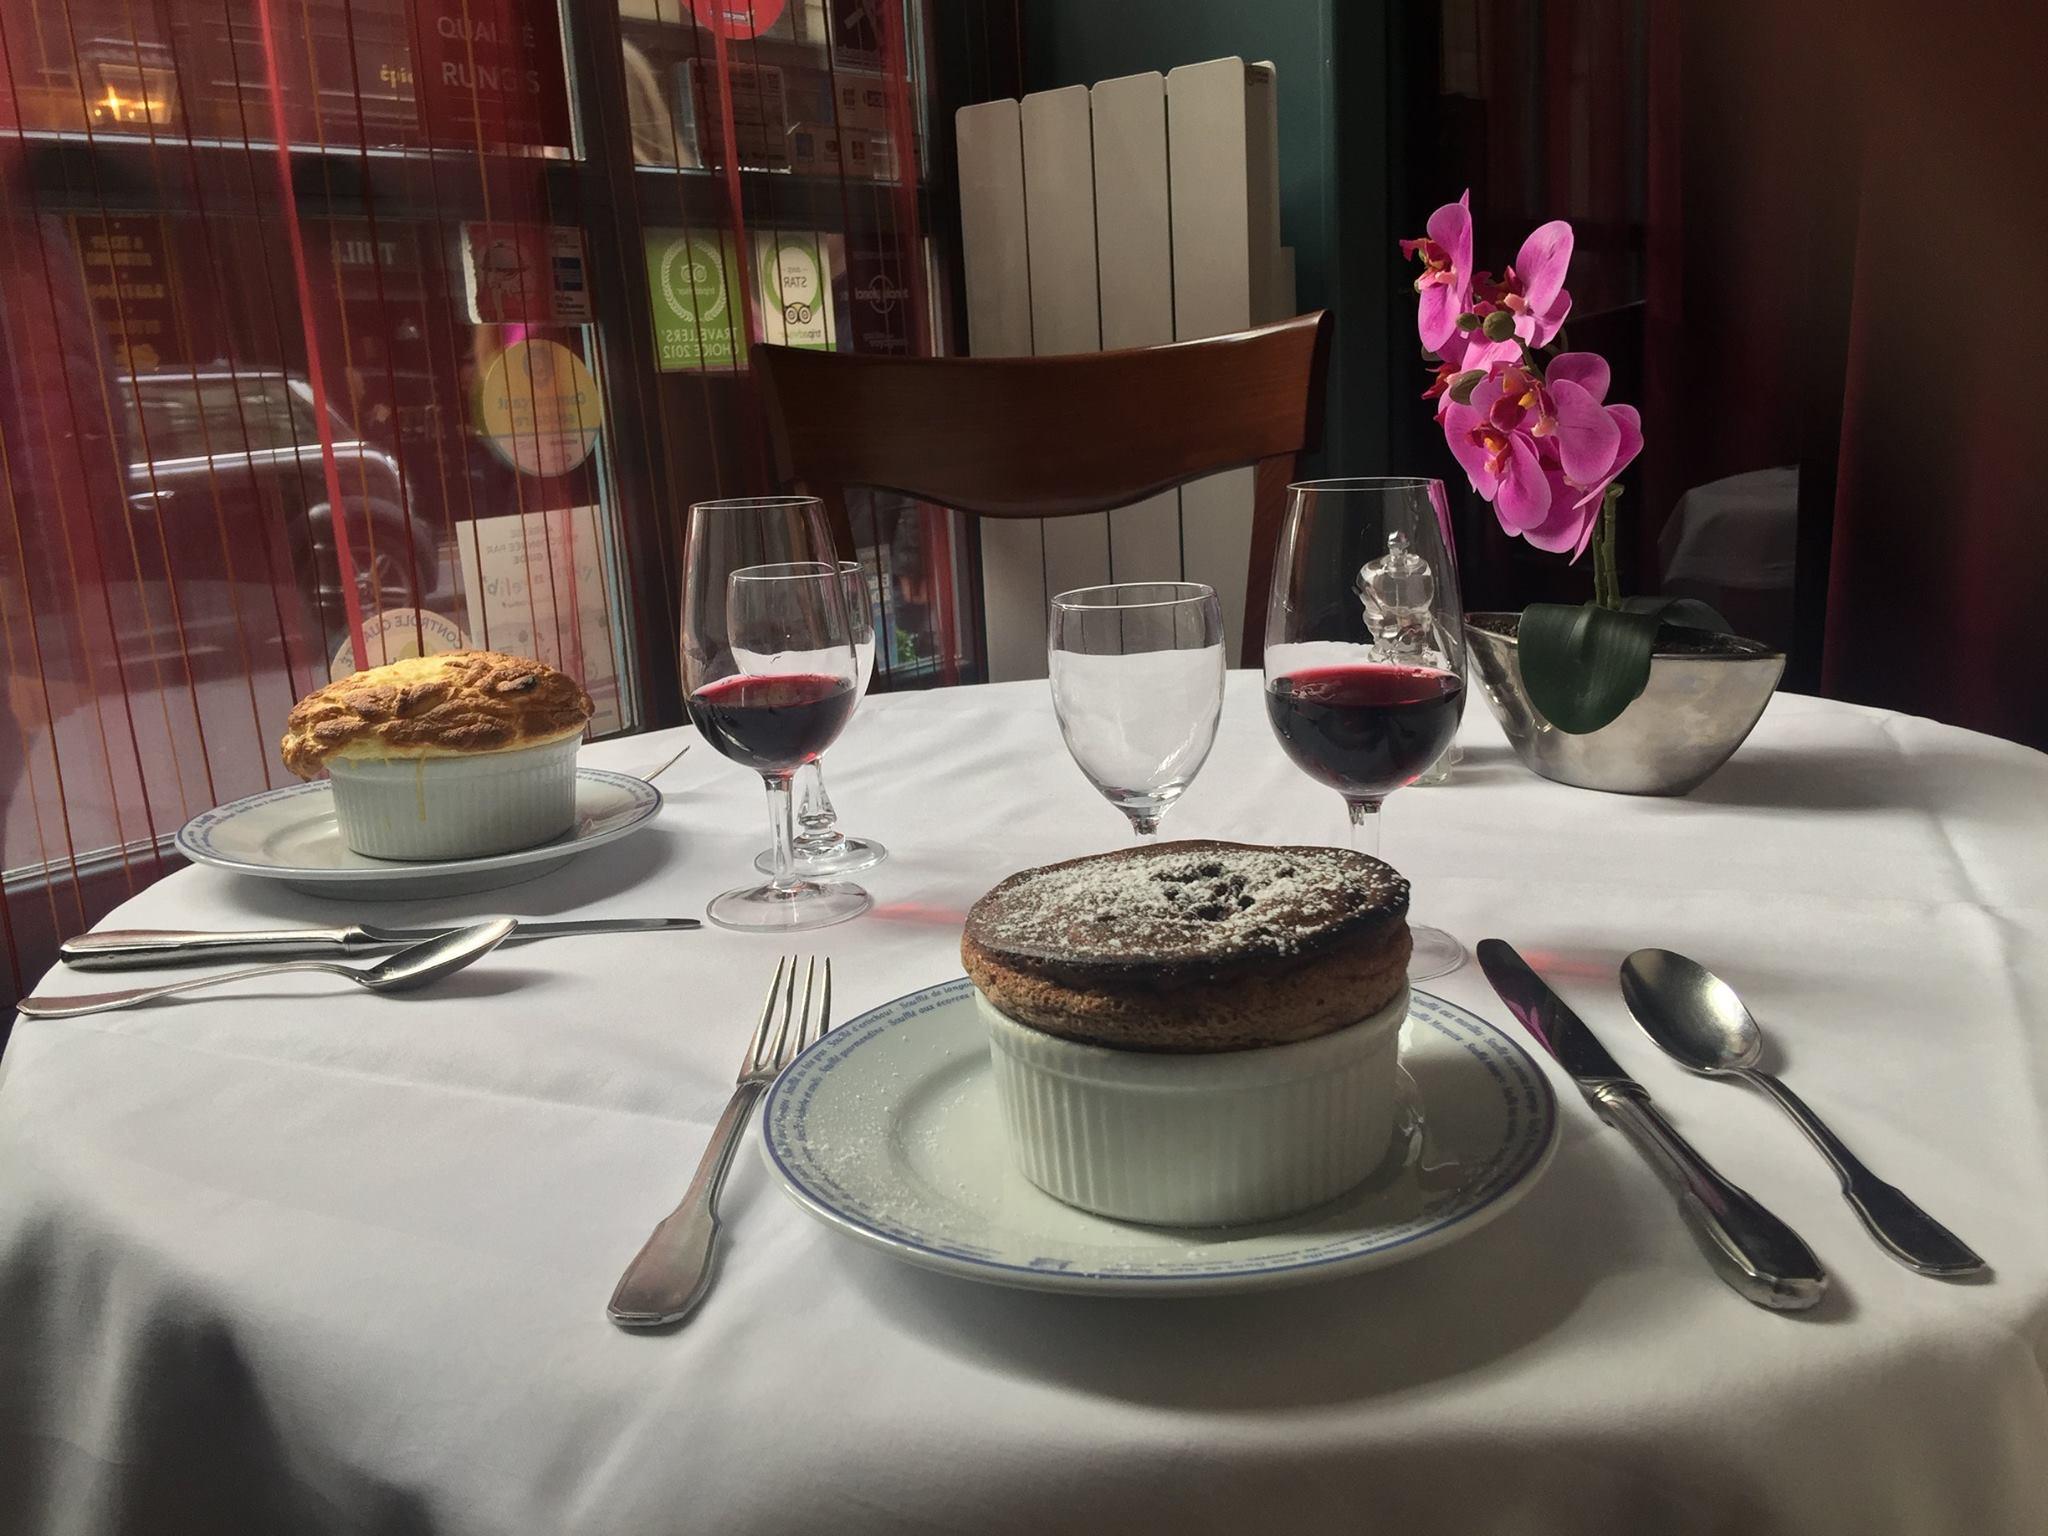 HiP Paris Blog rounds up the best souffle in Paris